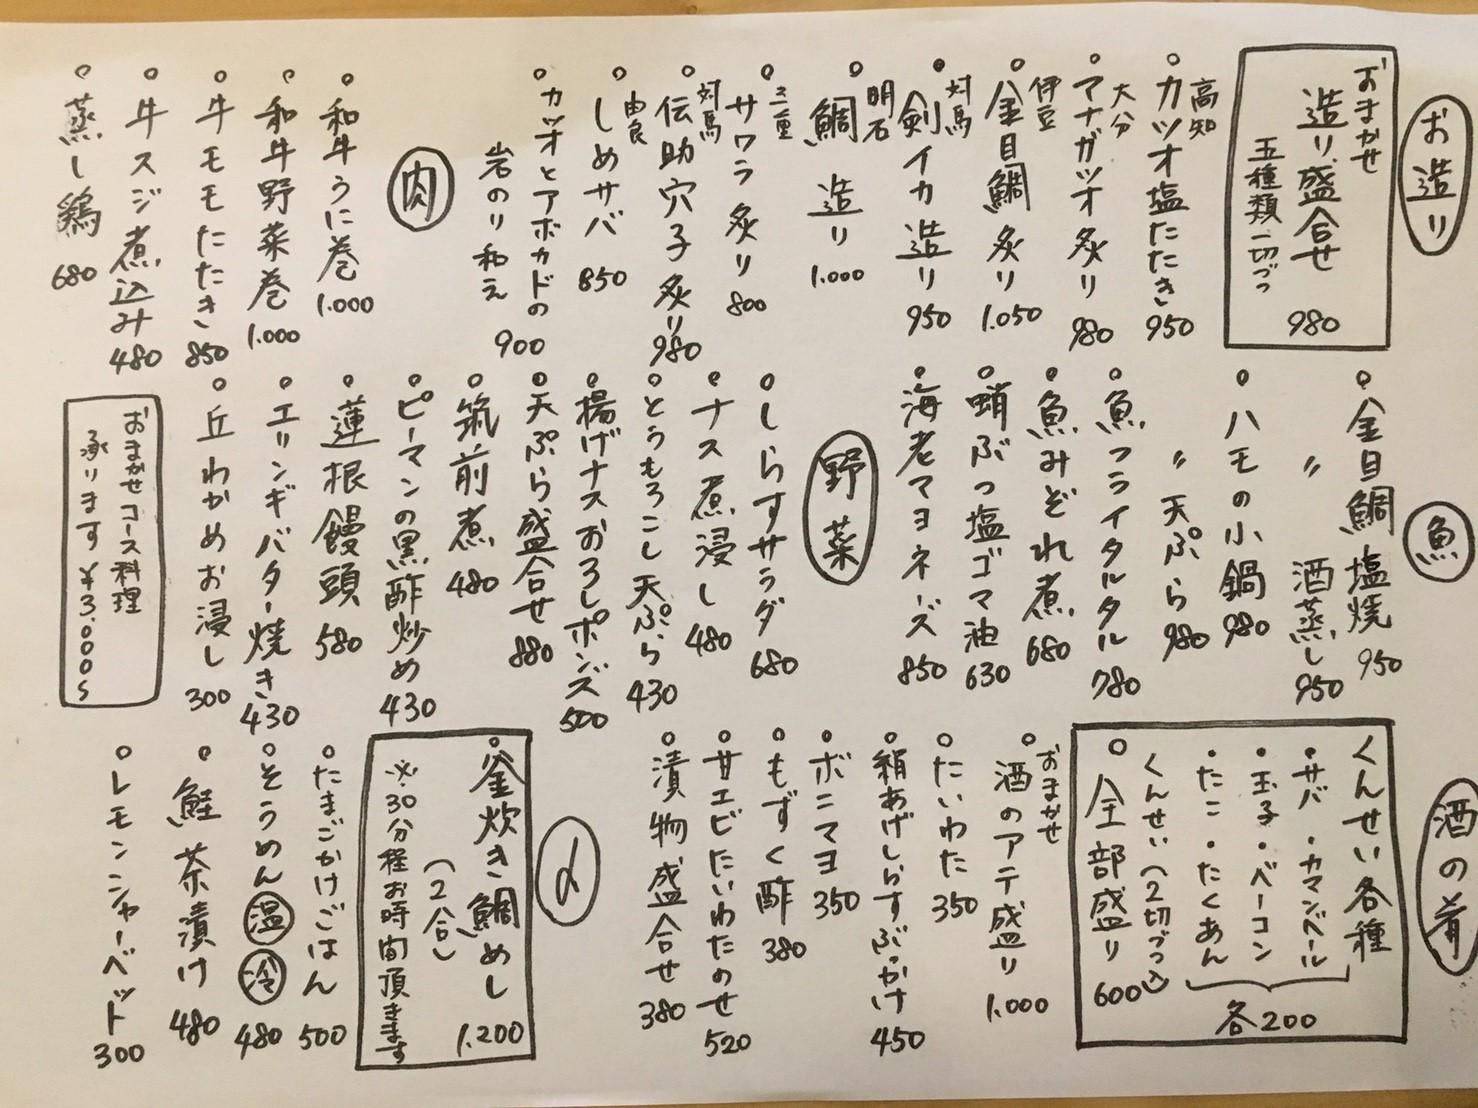 弘大Z_170826_0010